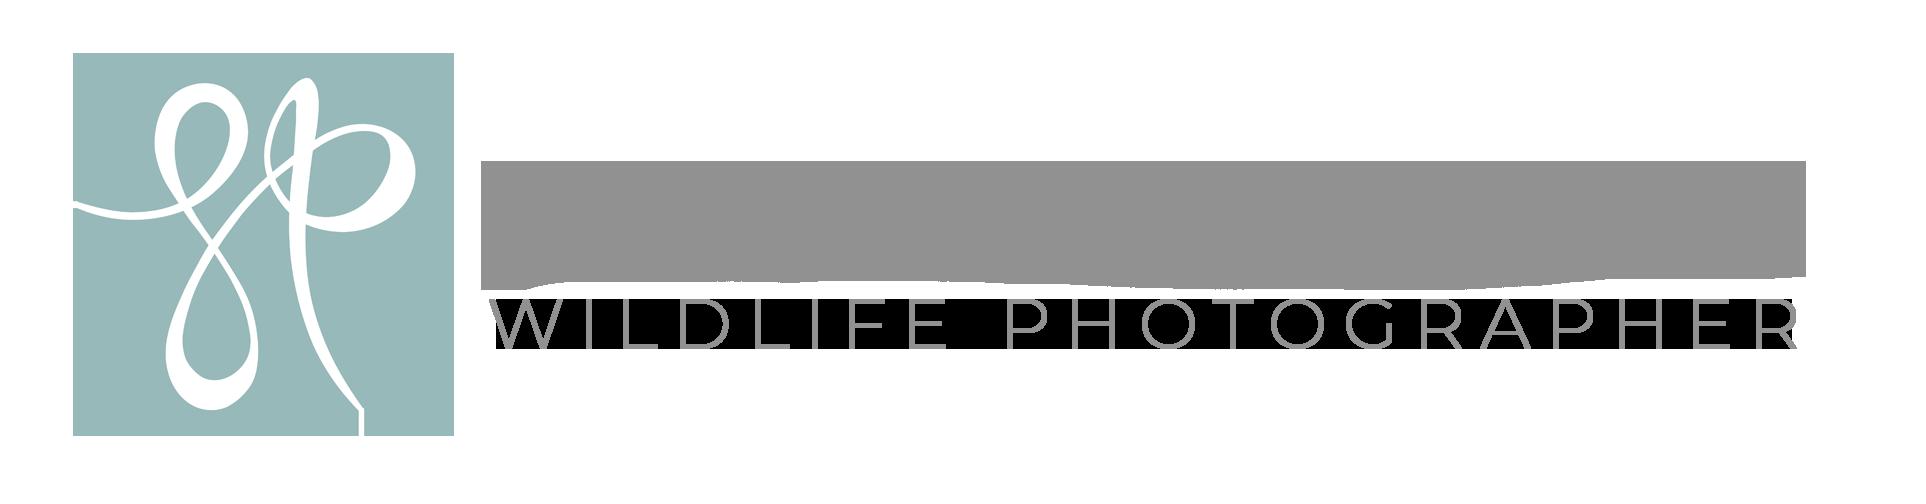 Lauren Pretorius